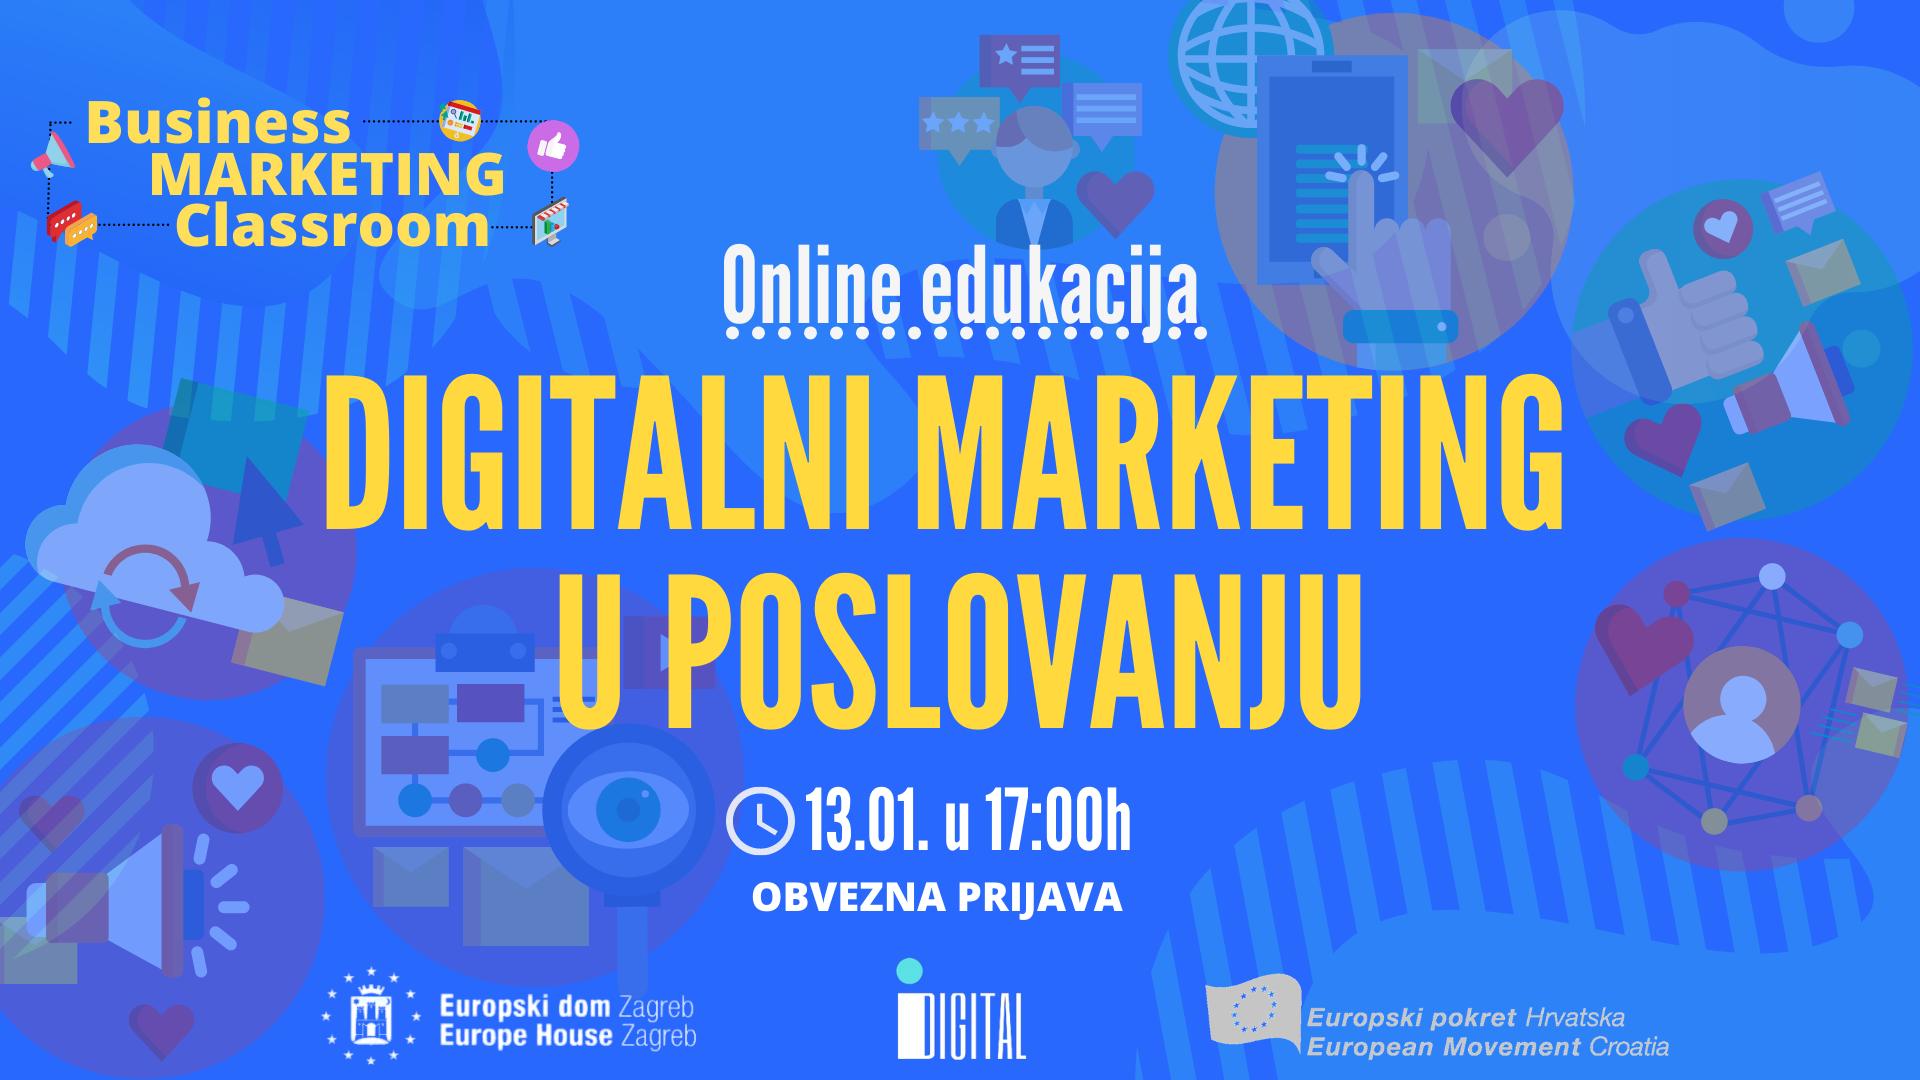 Online edukacija: Digitalni marketing u poslovanju